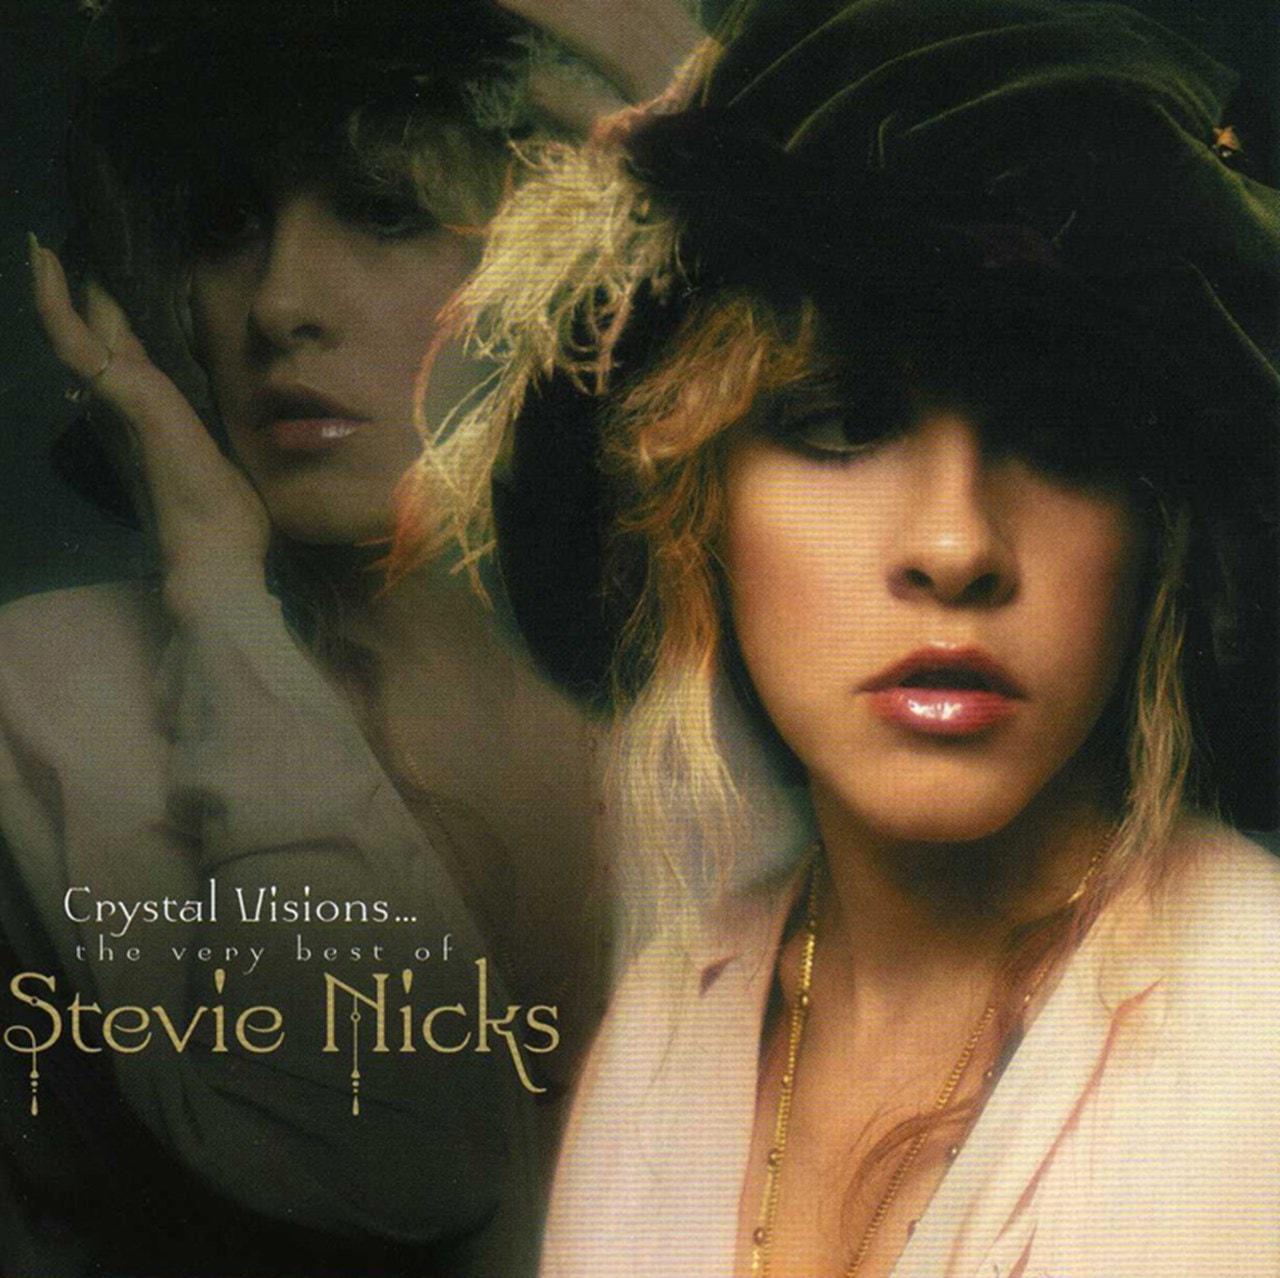 Crystal Visions: The Very Best of Stevie Nicks - 1